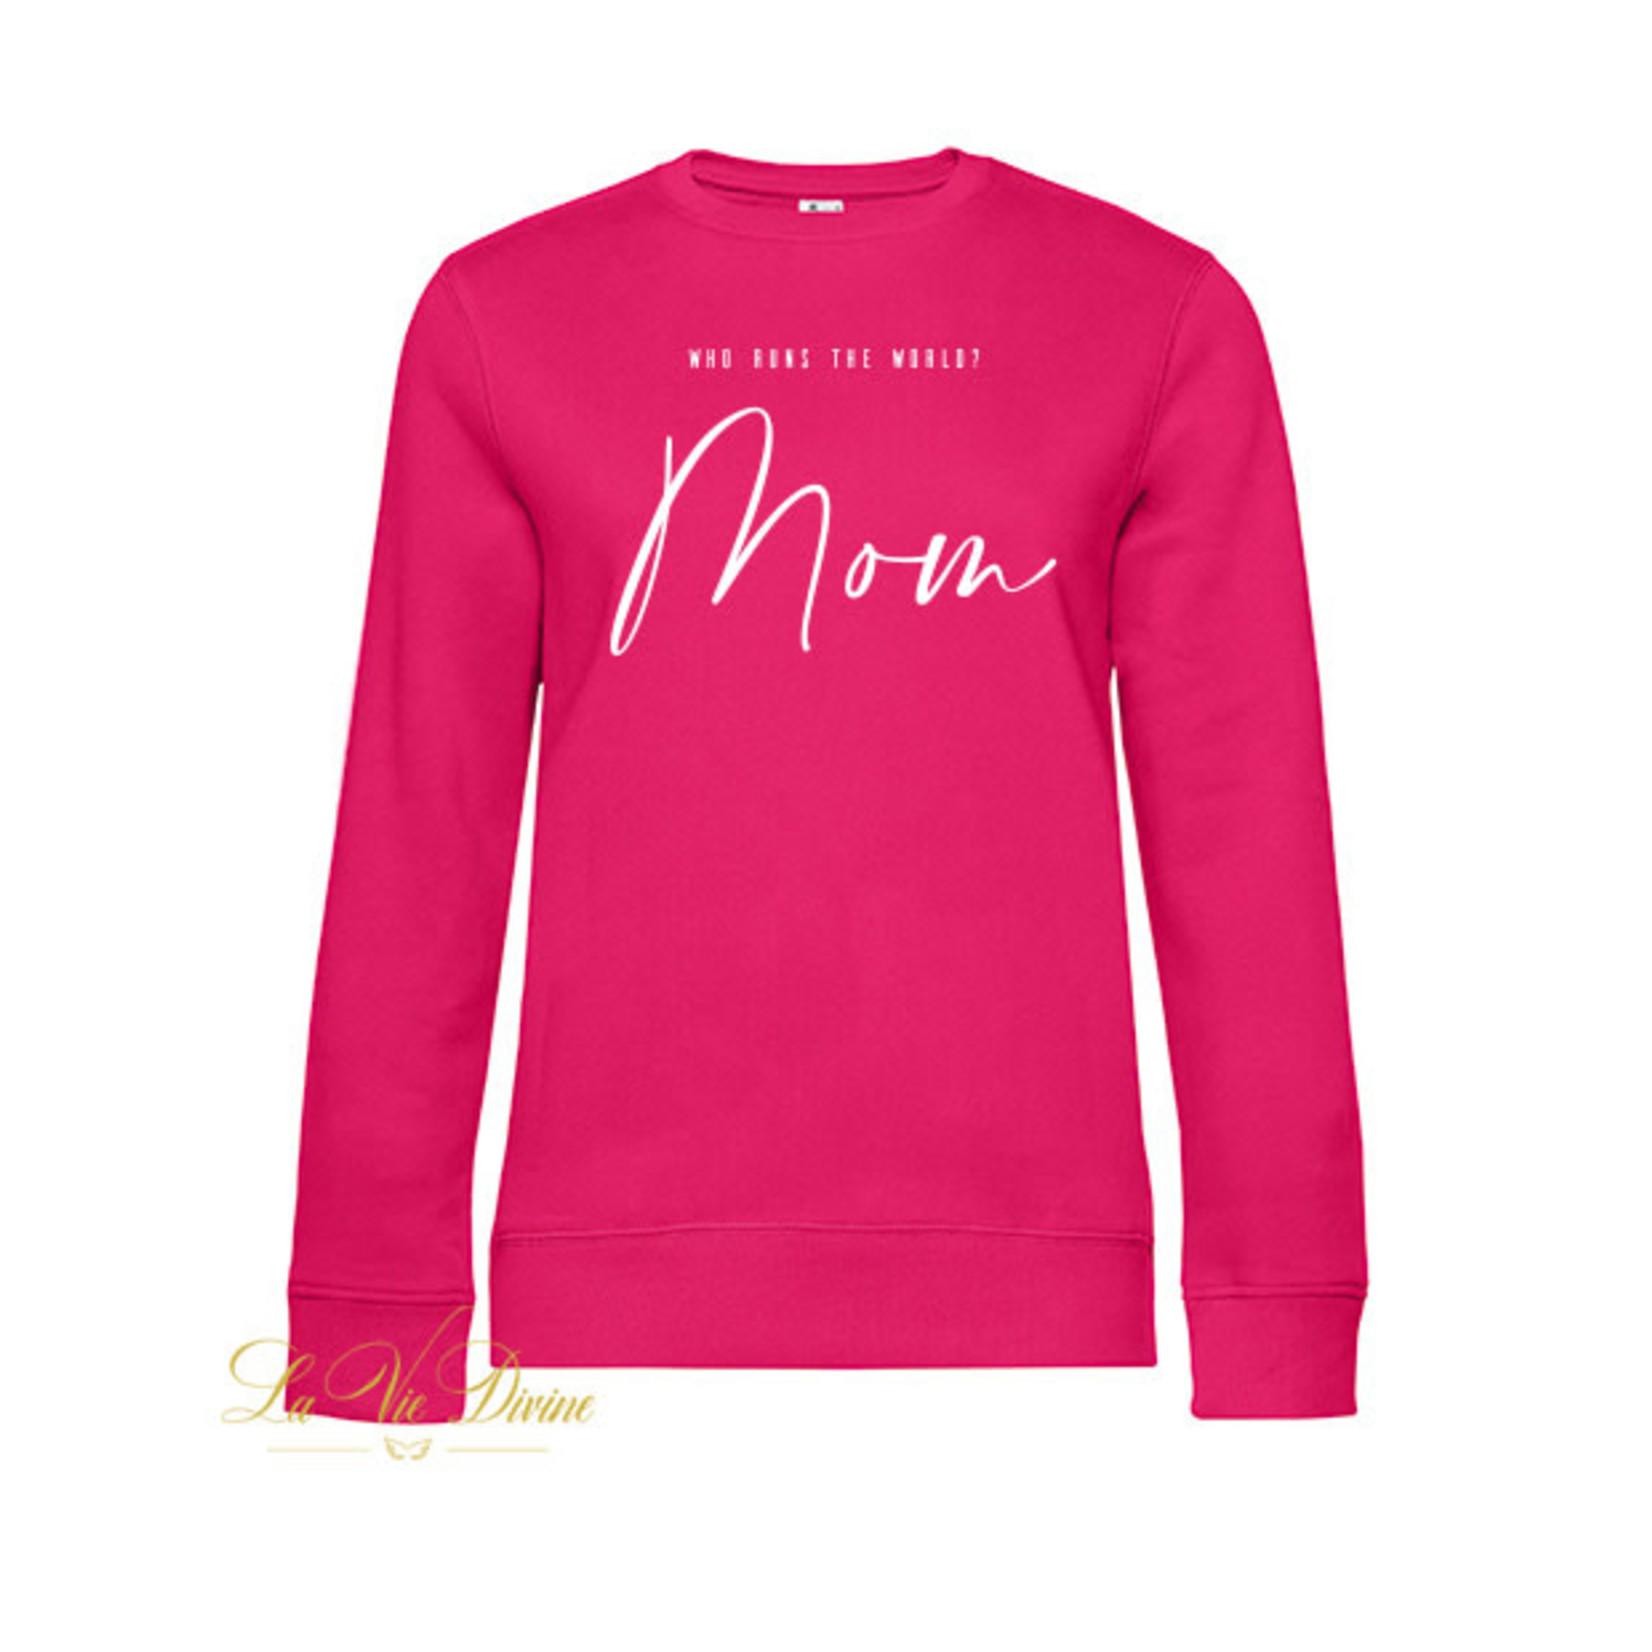 La Vie Divine Damessweater 'who runs the world'